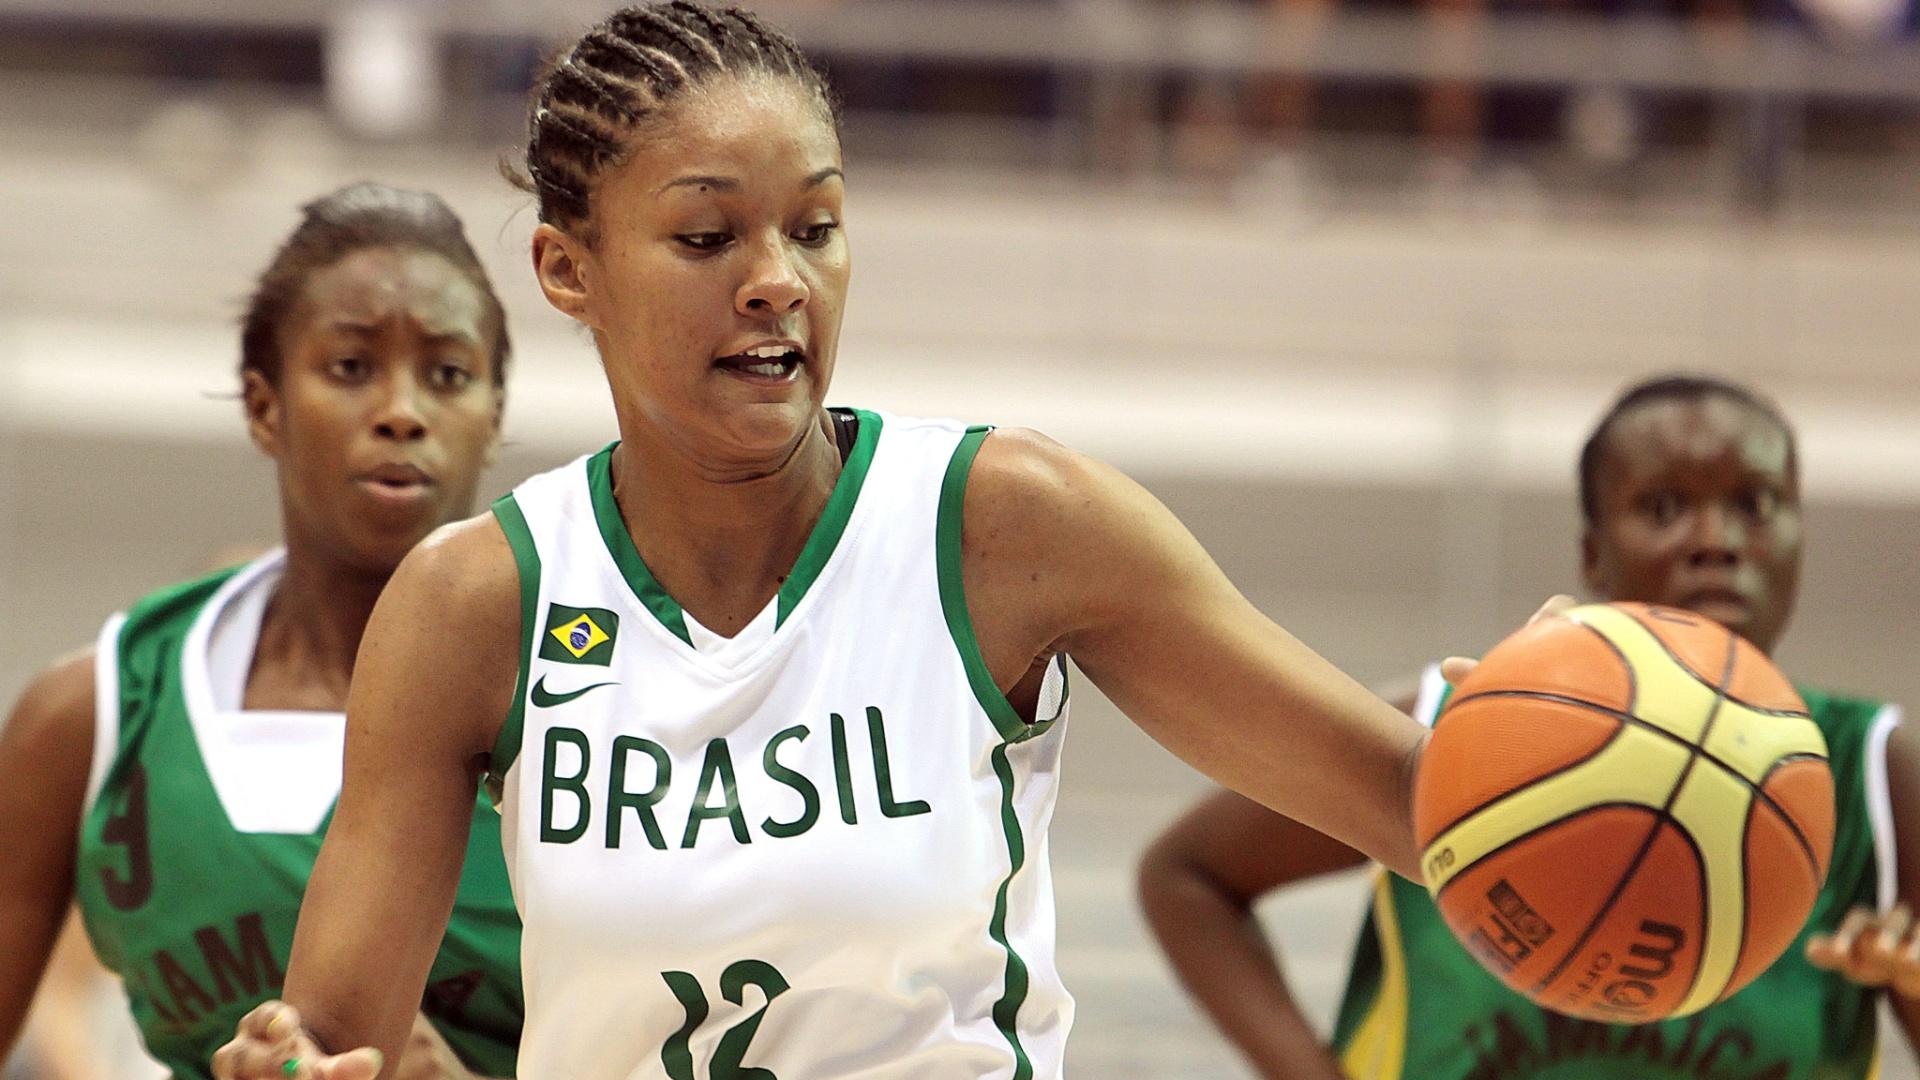 Damiris controla a bola na frente da marcação na partida entre Brasil e Jamaica pelo basquete do Pan (22/10/2011)